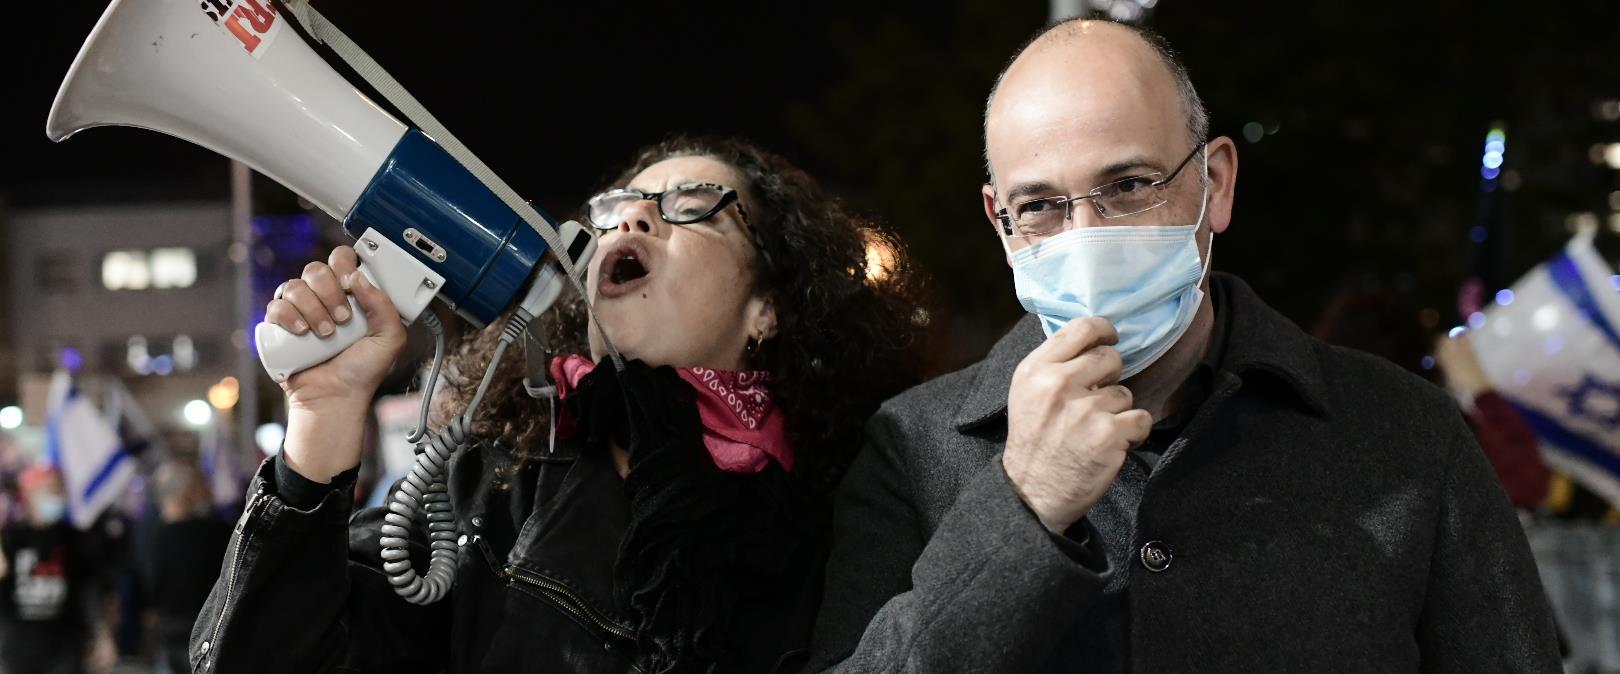 """פרופ' זליכה בהפגנה נגד רה""""מ נתניהו, 06.01.21"""